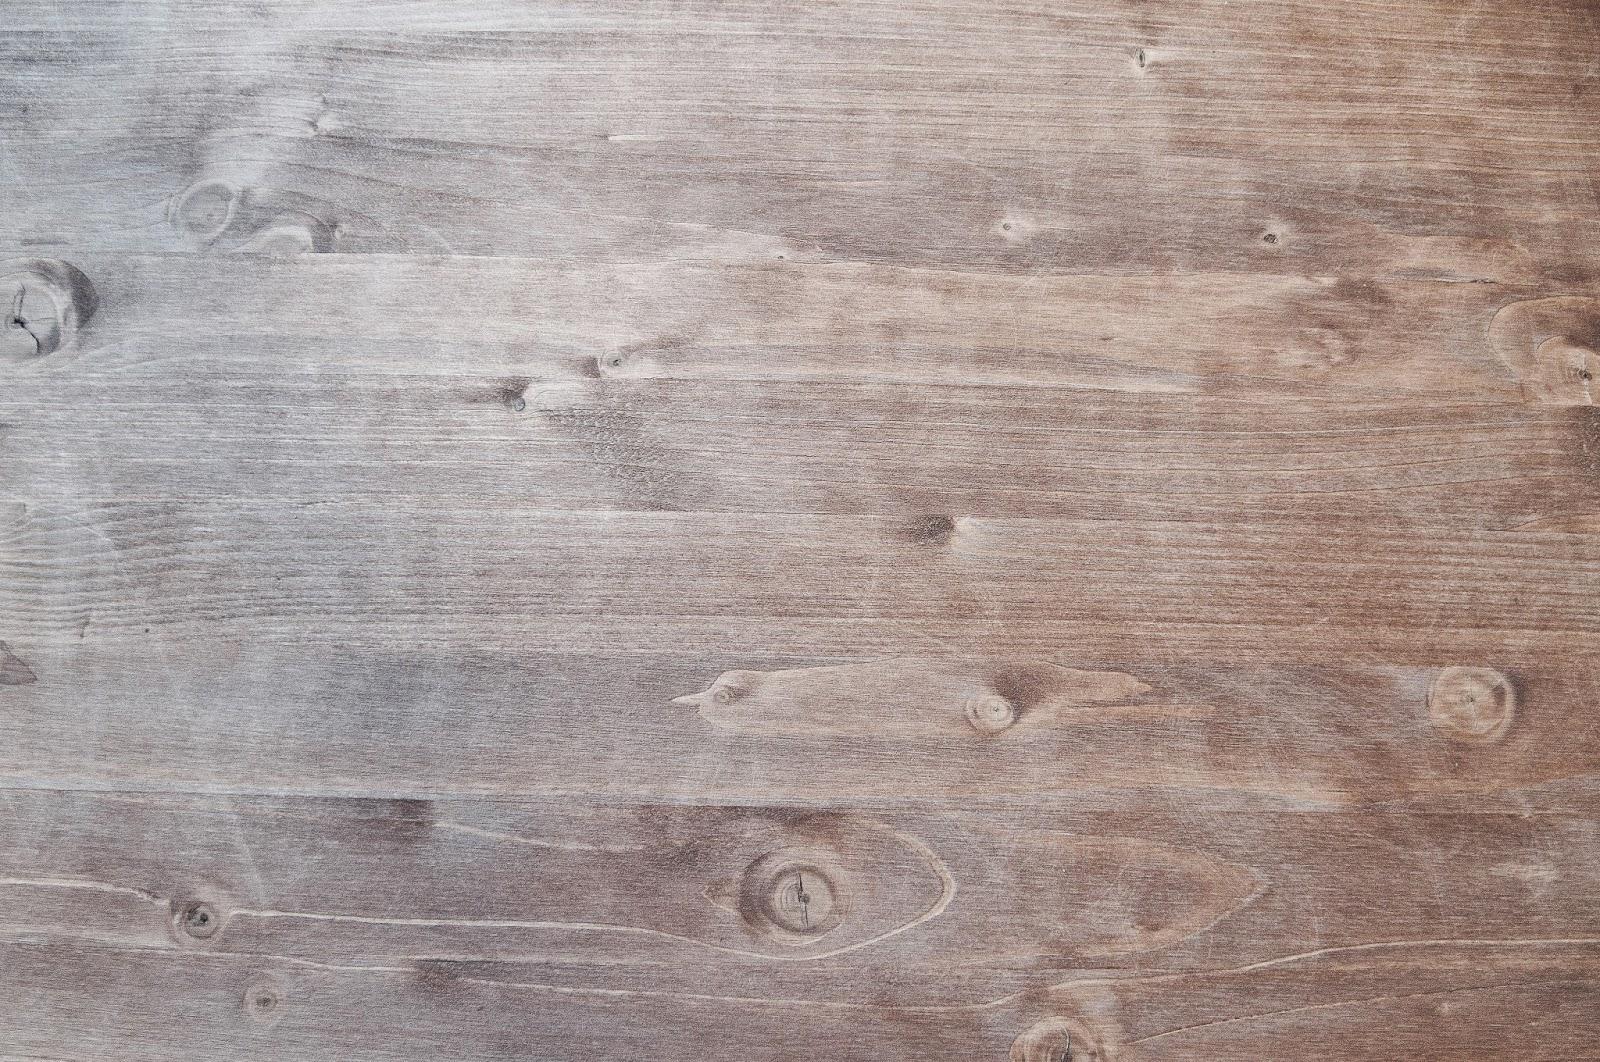 Fondo de madera para fotos caramelo crafts baking - Fotos en madera ...